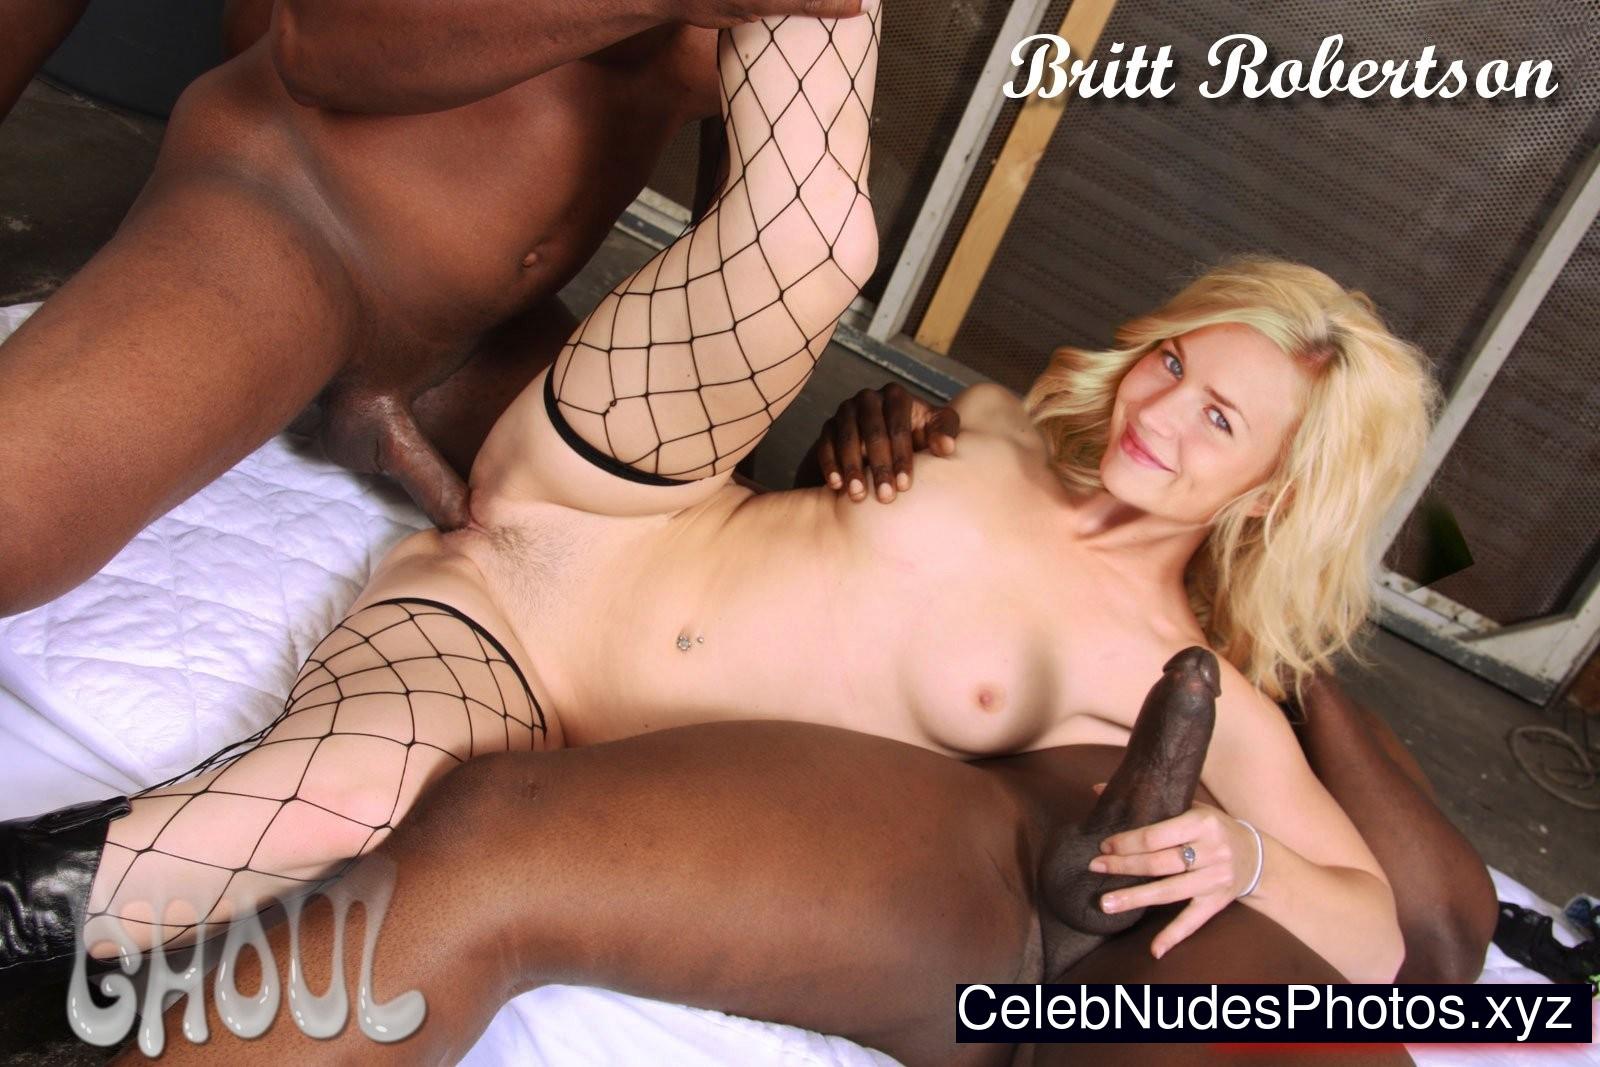 Britt Robertson naked